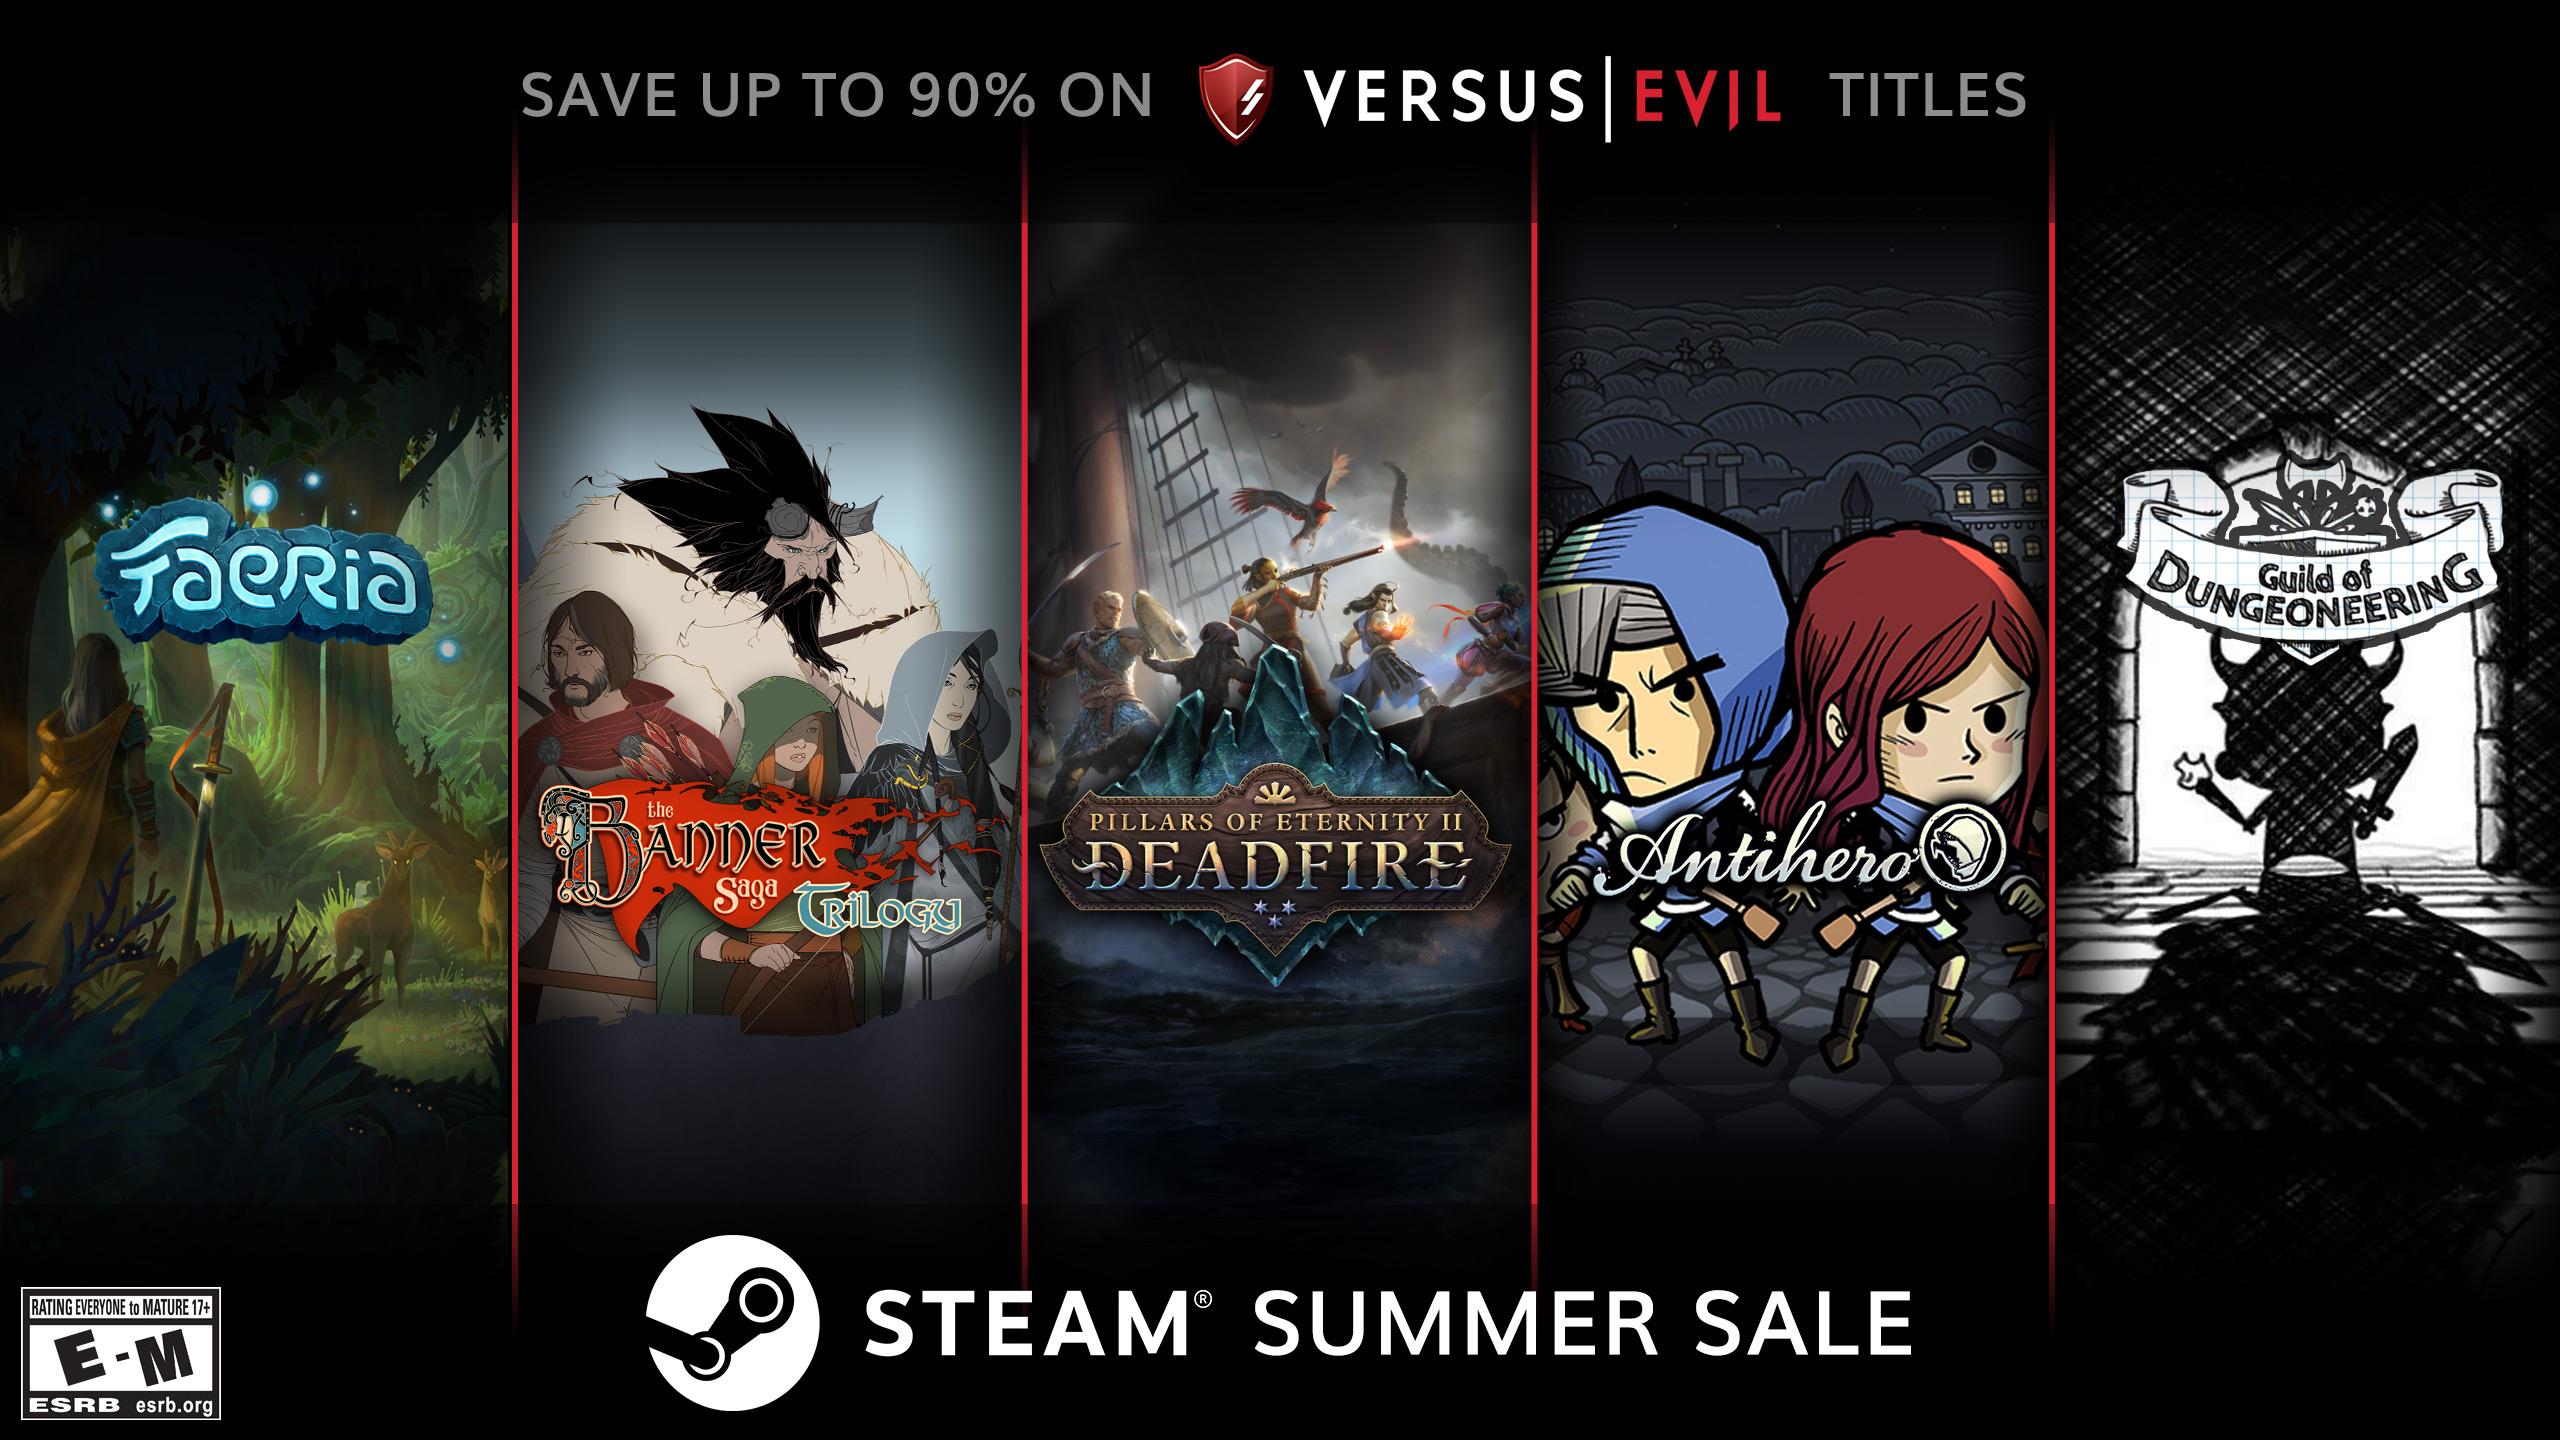 Versus Evil Steam Summer Sale 2019 Deals